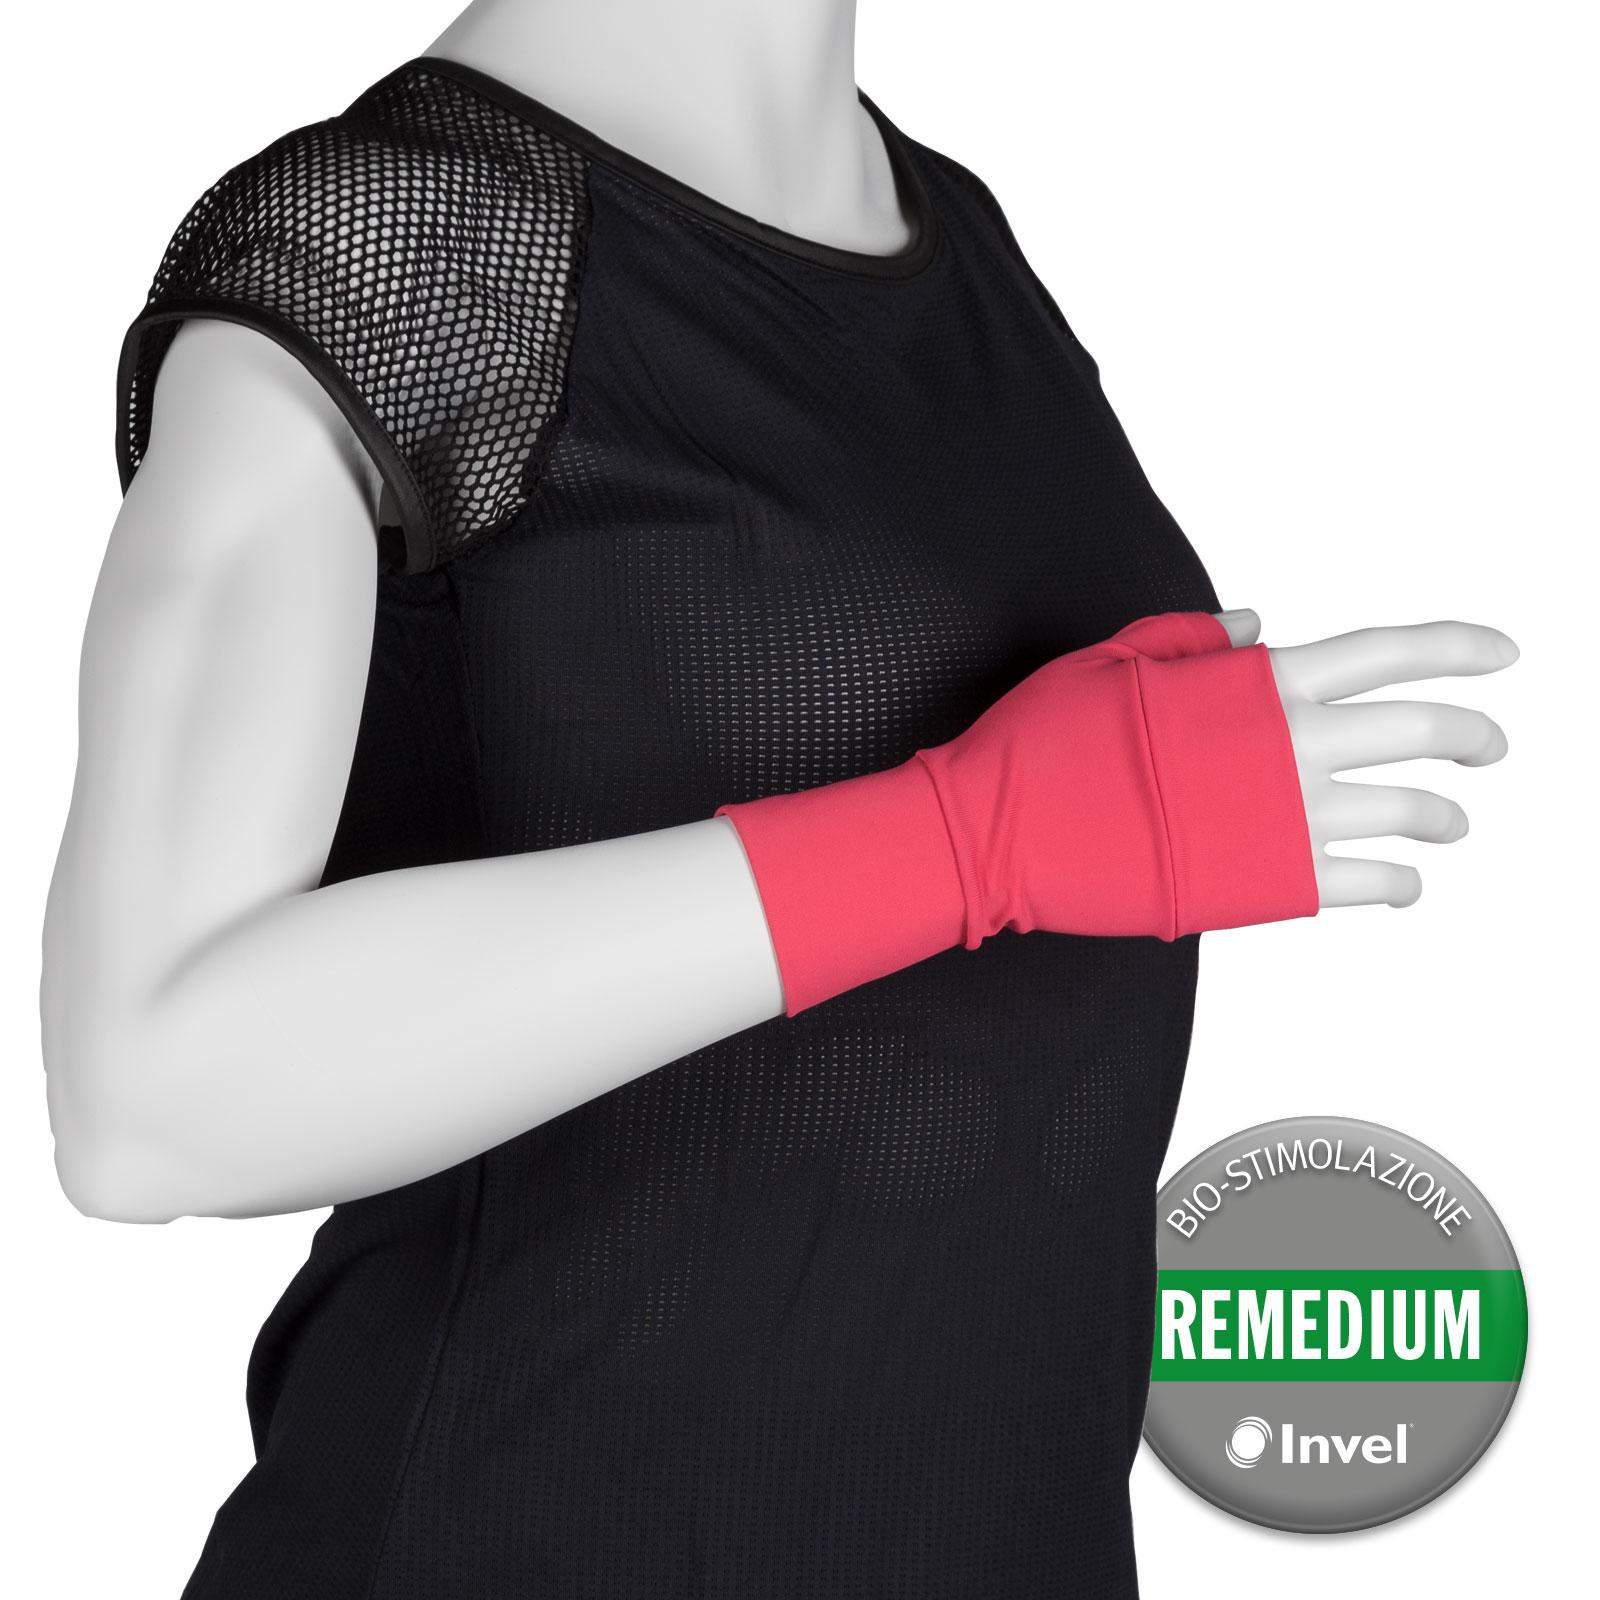 Invel guanti senza dita Remedium